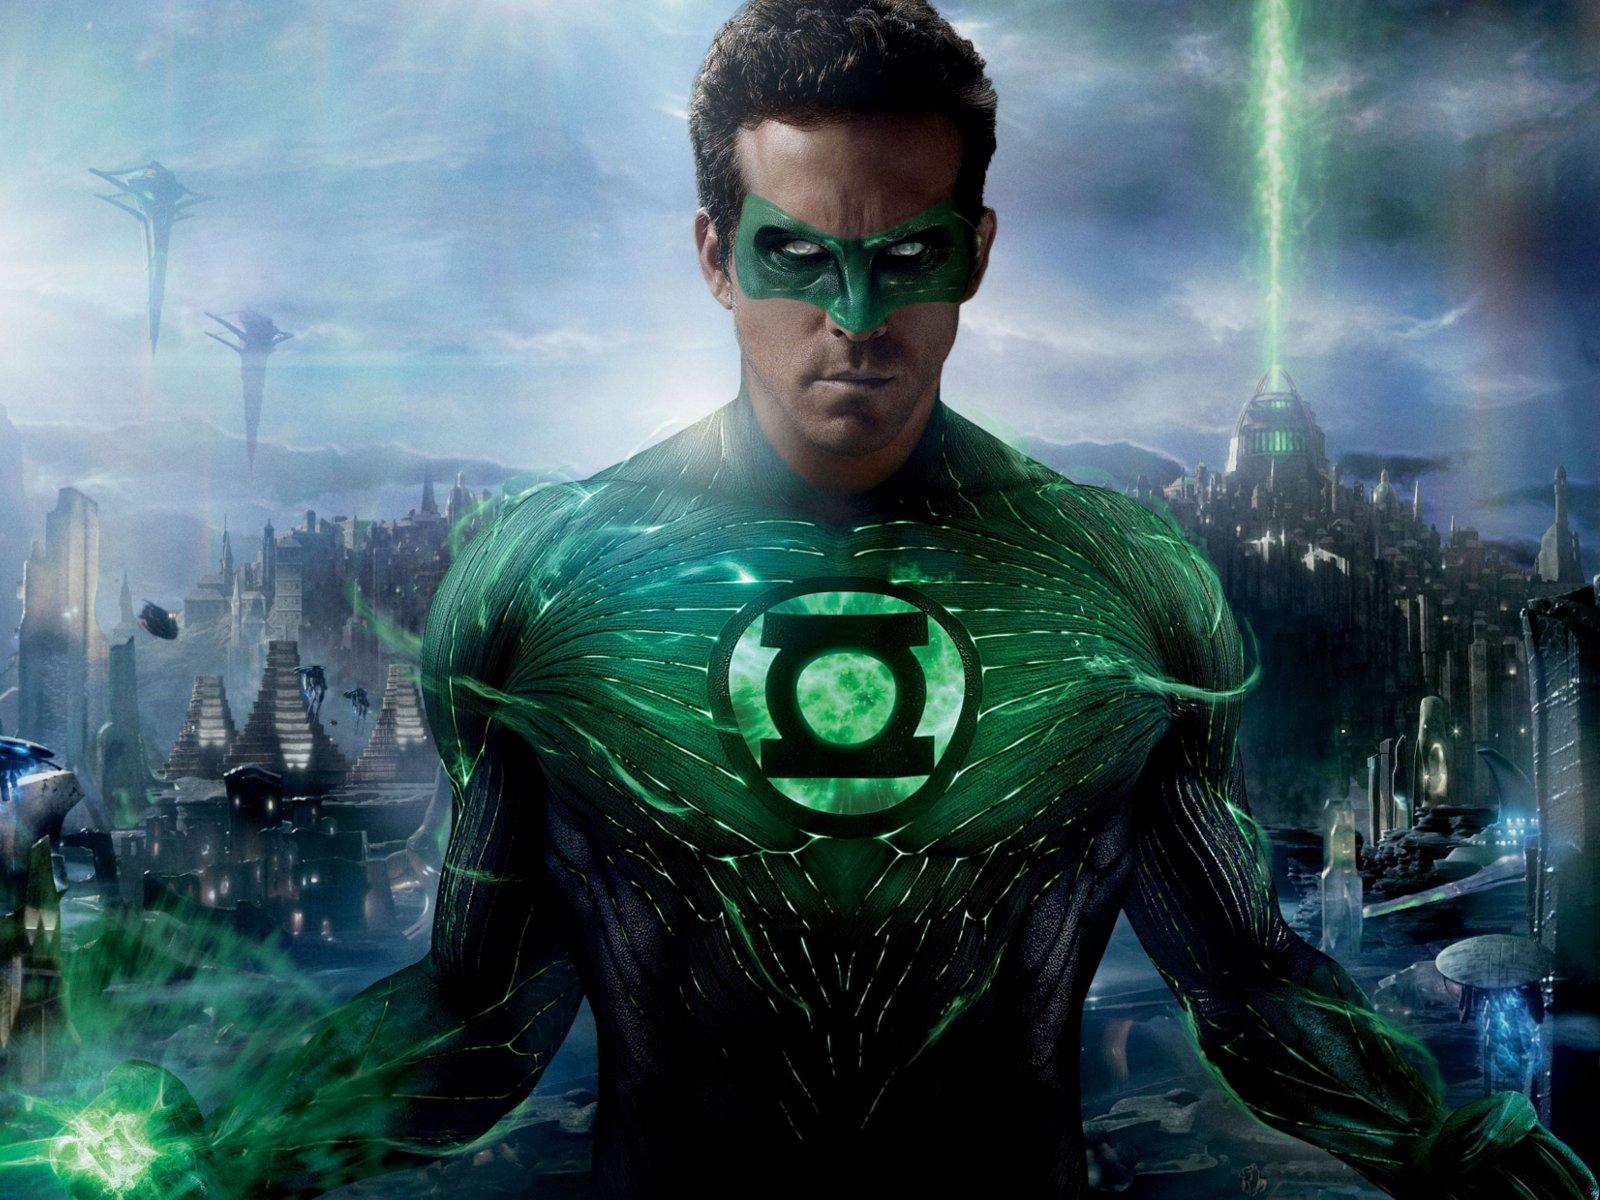 смотреть онлайн фильмы в хорошем качестве зеленый фонарь: